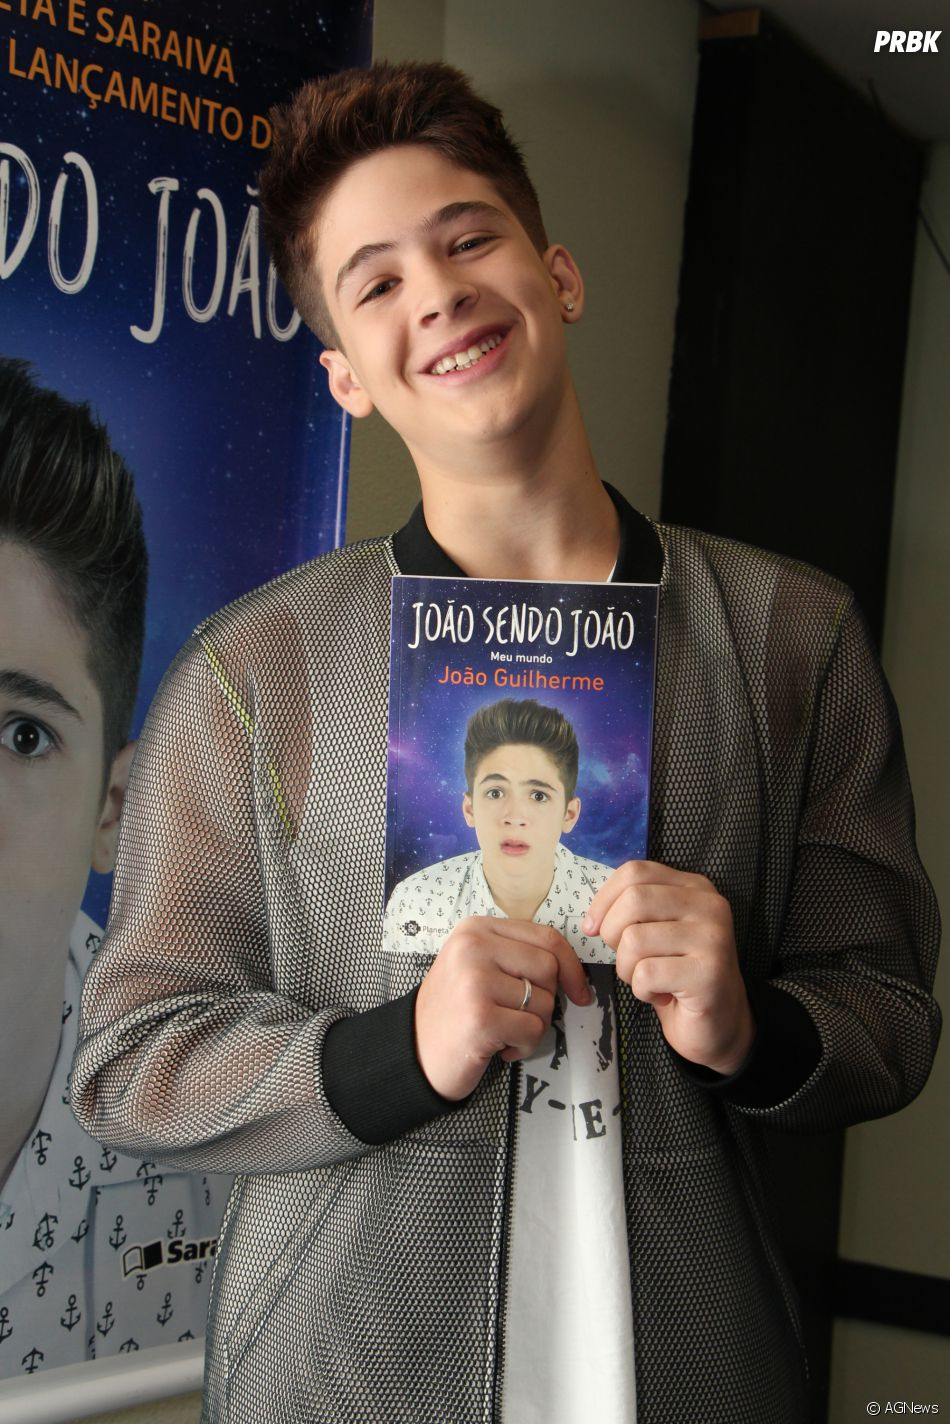 f3b7633c3d9d7 João Guilherme lançou seu primeiro livro